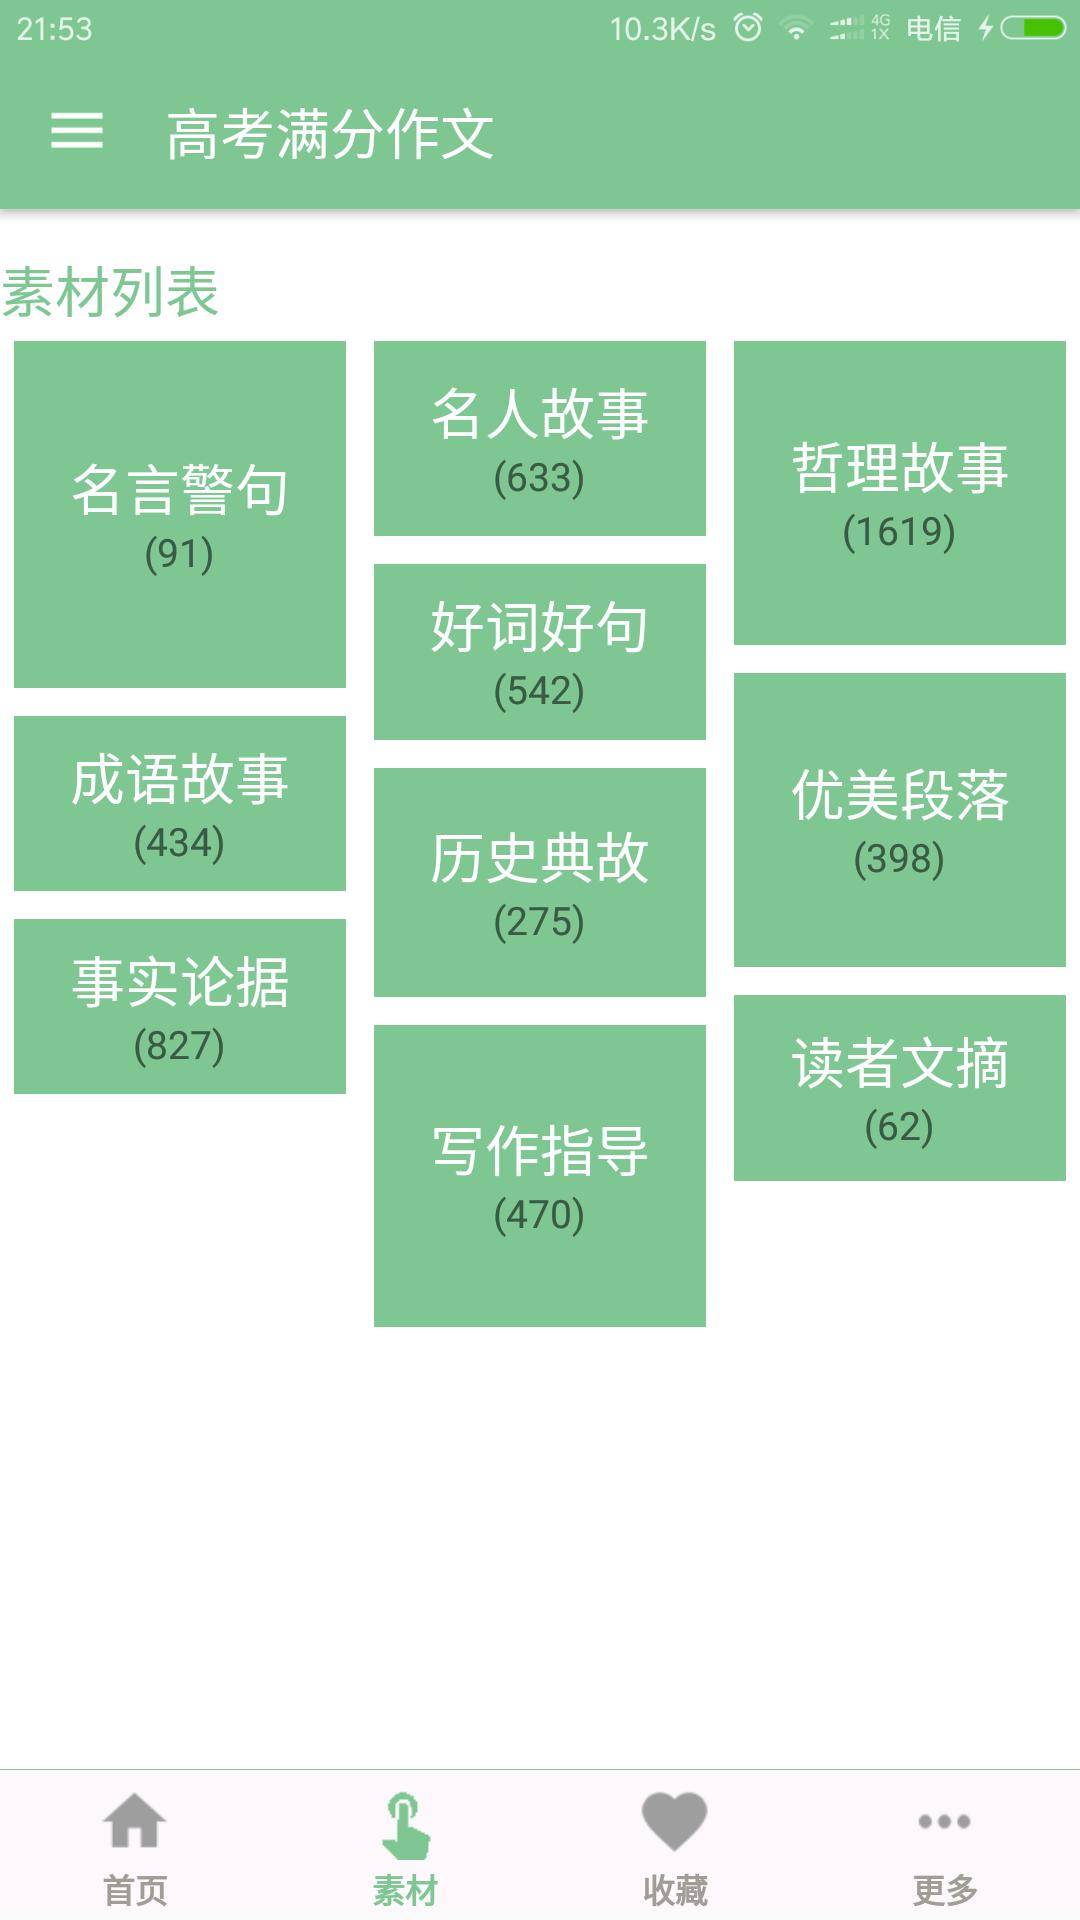 高考满分作文宝典 V1.6.0 安卓版截图1